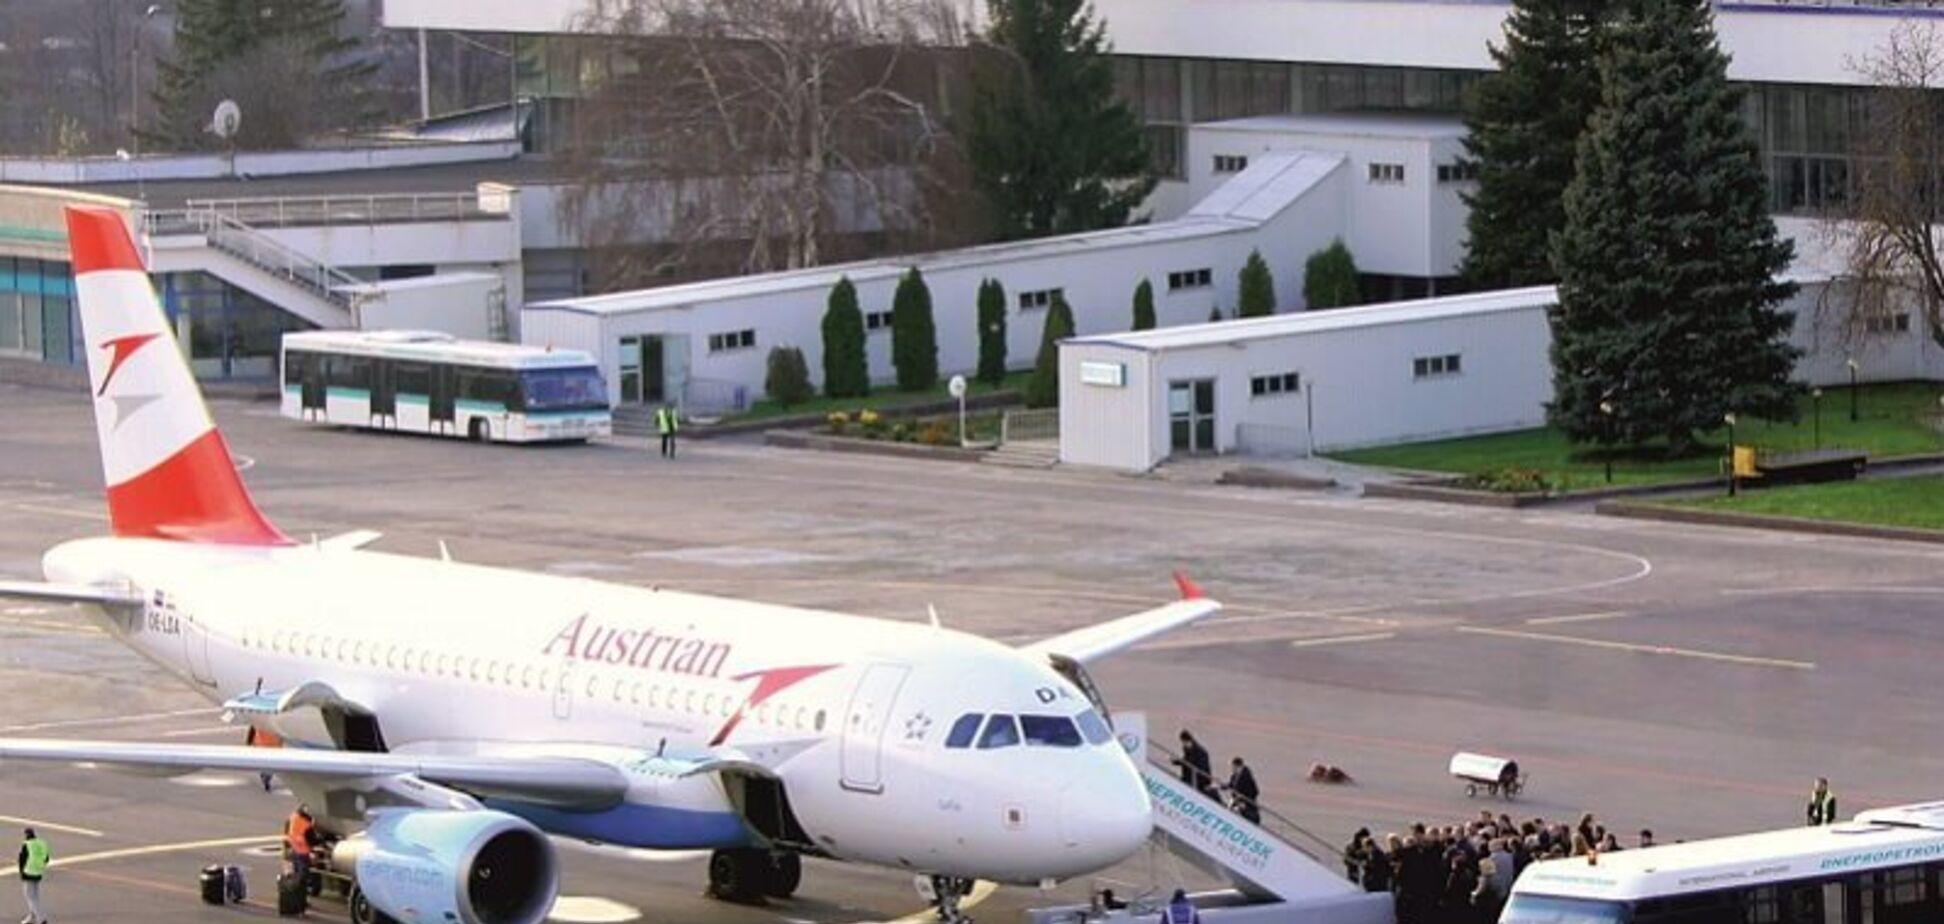 Мэр Днепра сообщил, что Зеленский 'вплотную занялся' строительством местного аэропорта